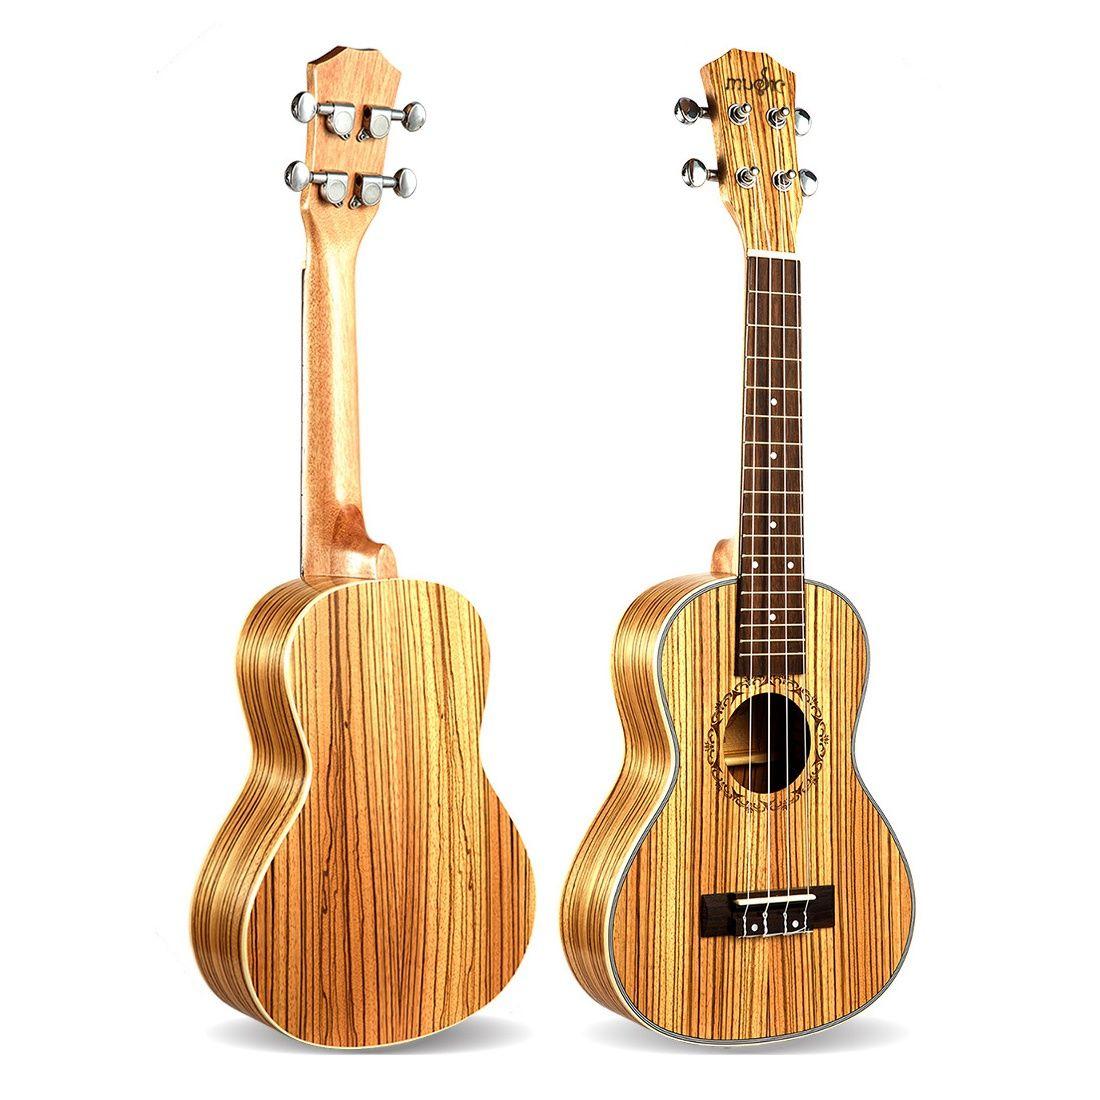 Concert ukulélé 23 pouces 4 cordes hawaïen Mini guitare acoustique Ukelele guitarra envoyer des cadeaux Instrument à cordes musicales